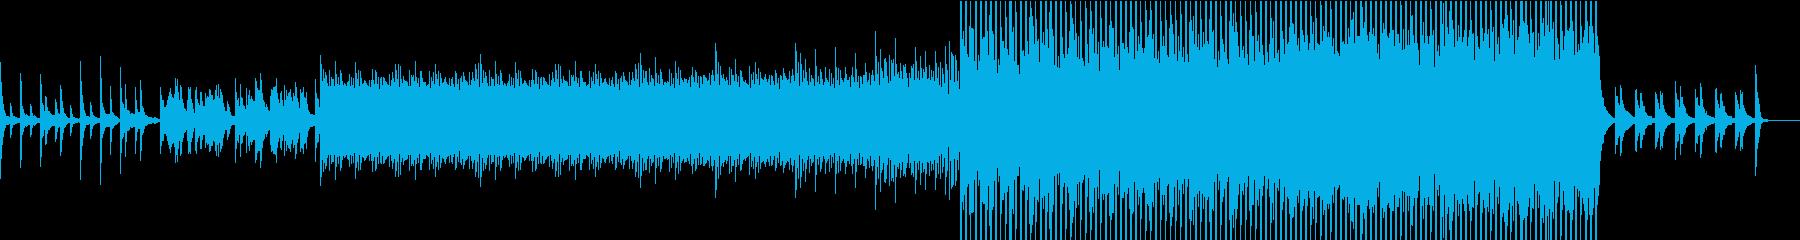 決意のピアノ曲の再生済みの波形